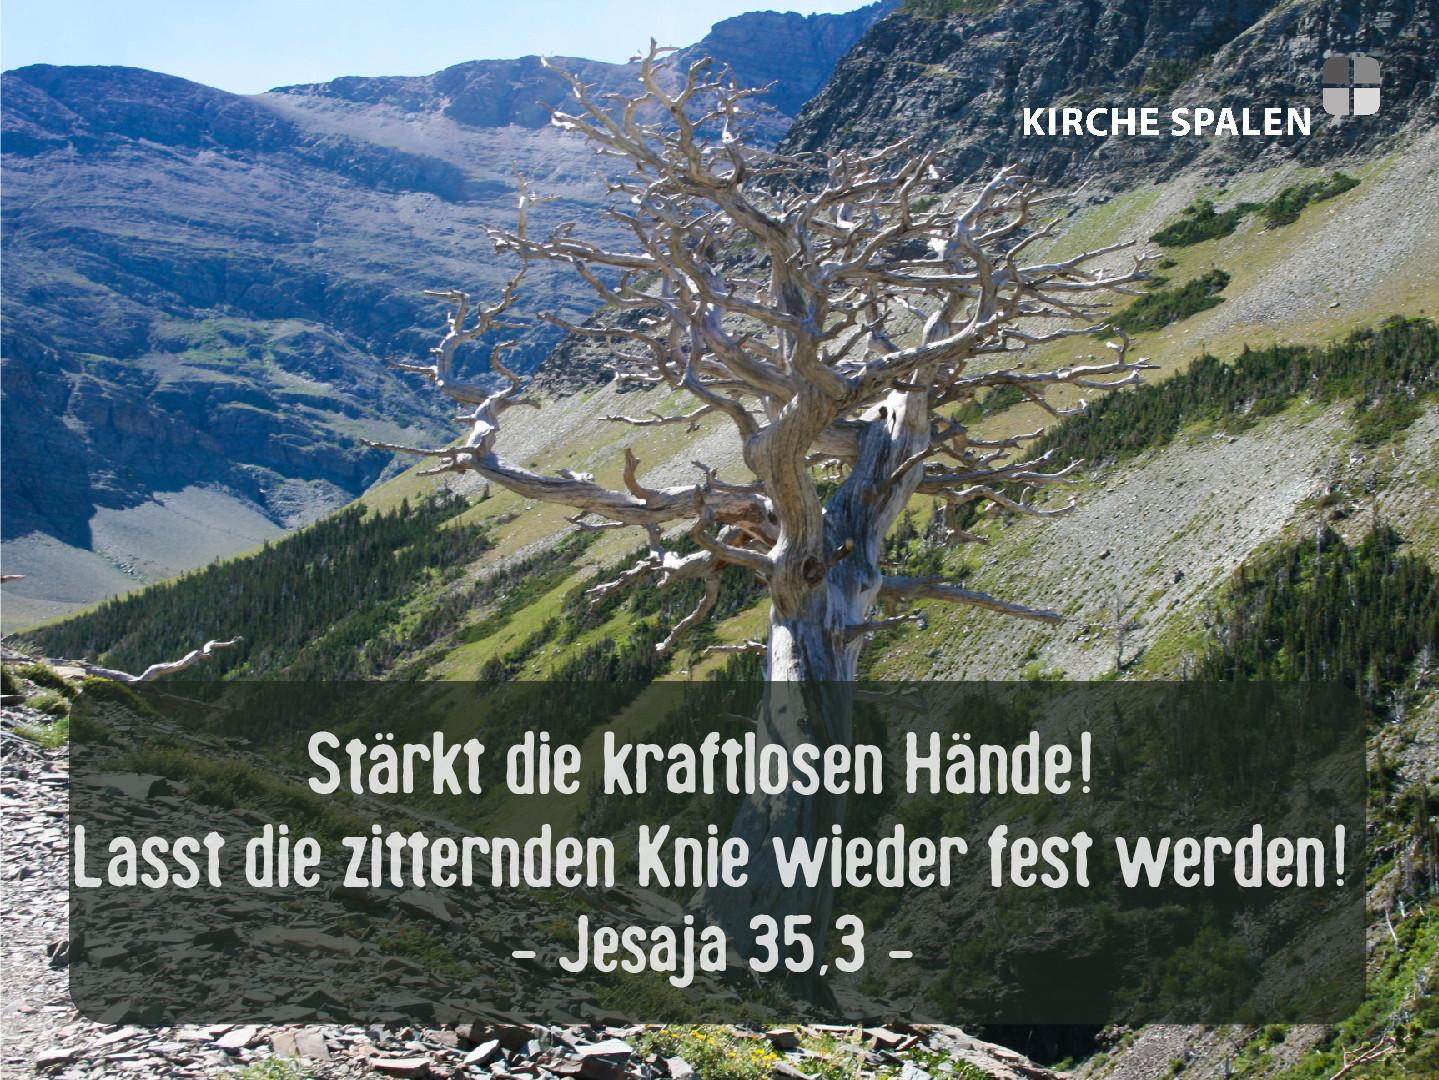 Jesaja 35,3.jpg